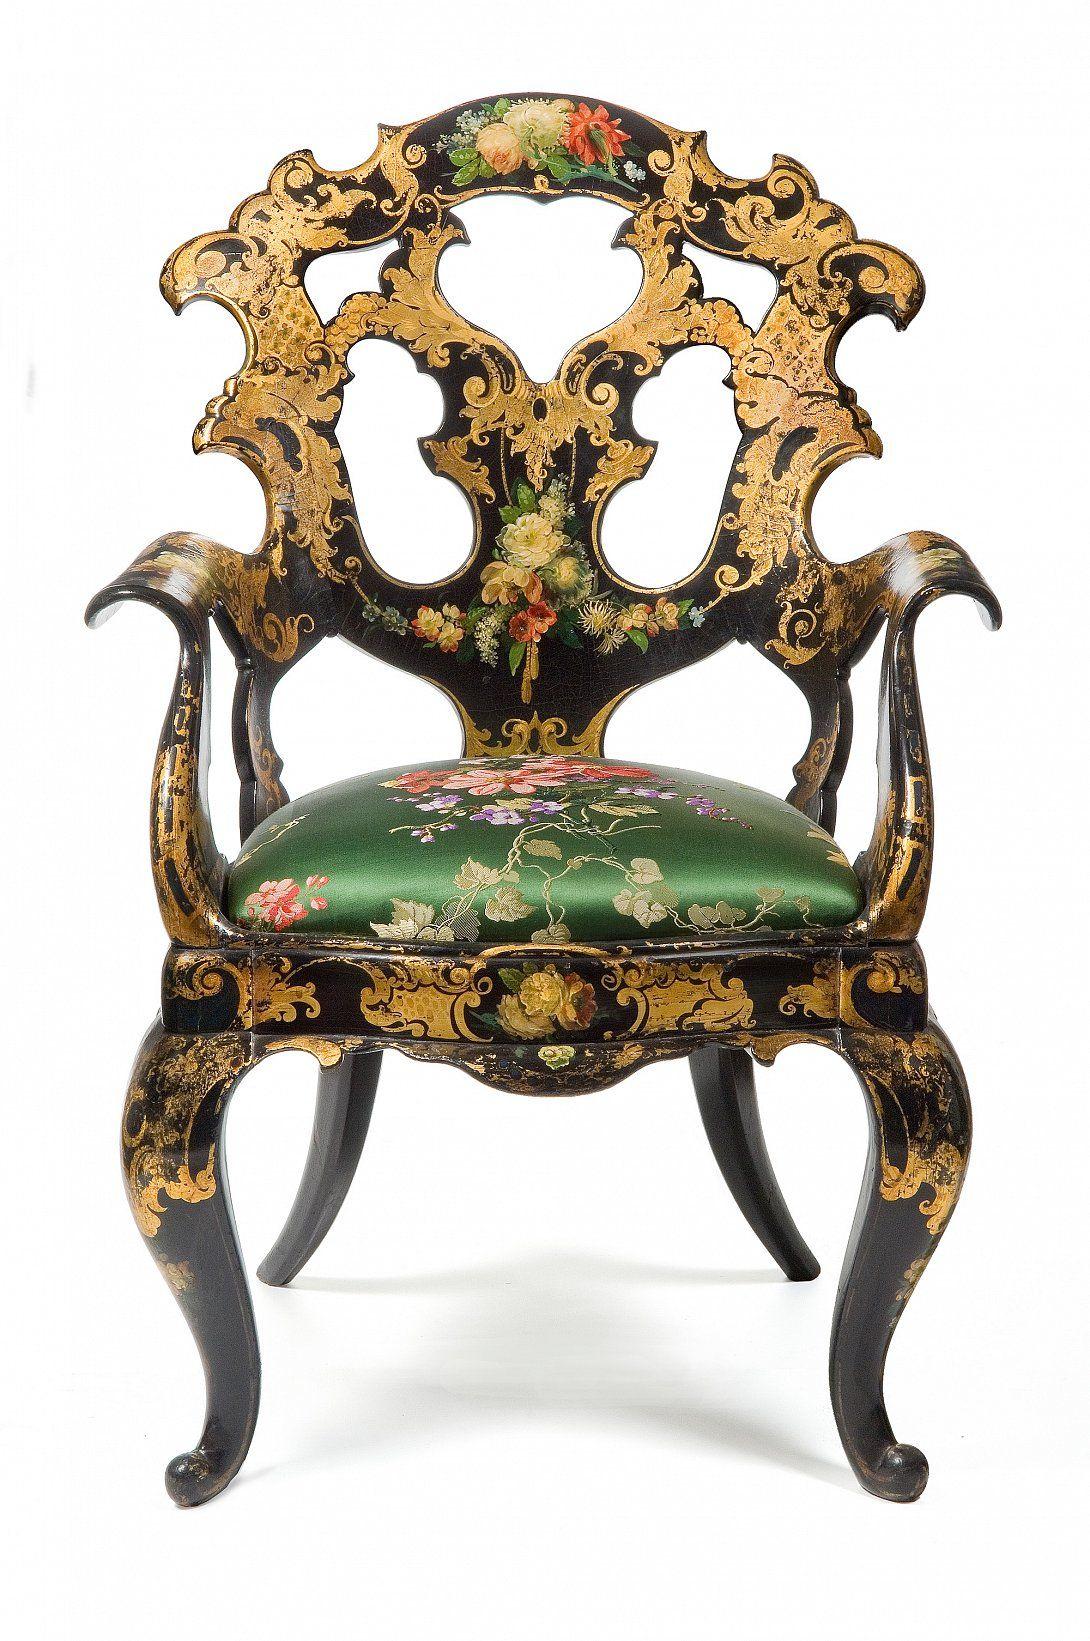 Fauteuil Gondole Jennens Et Bettridge Birmingham Vers 1850 1865 Bois Laque Noir Decor Peint Et Dore Tapisse Art Decoratif Fauteuil Musee Des Arts Decoratifs